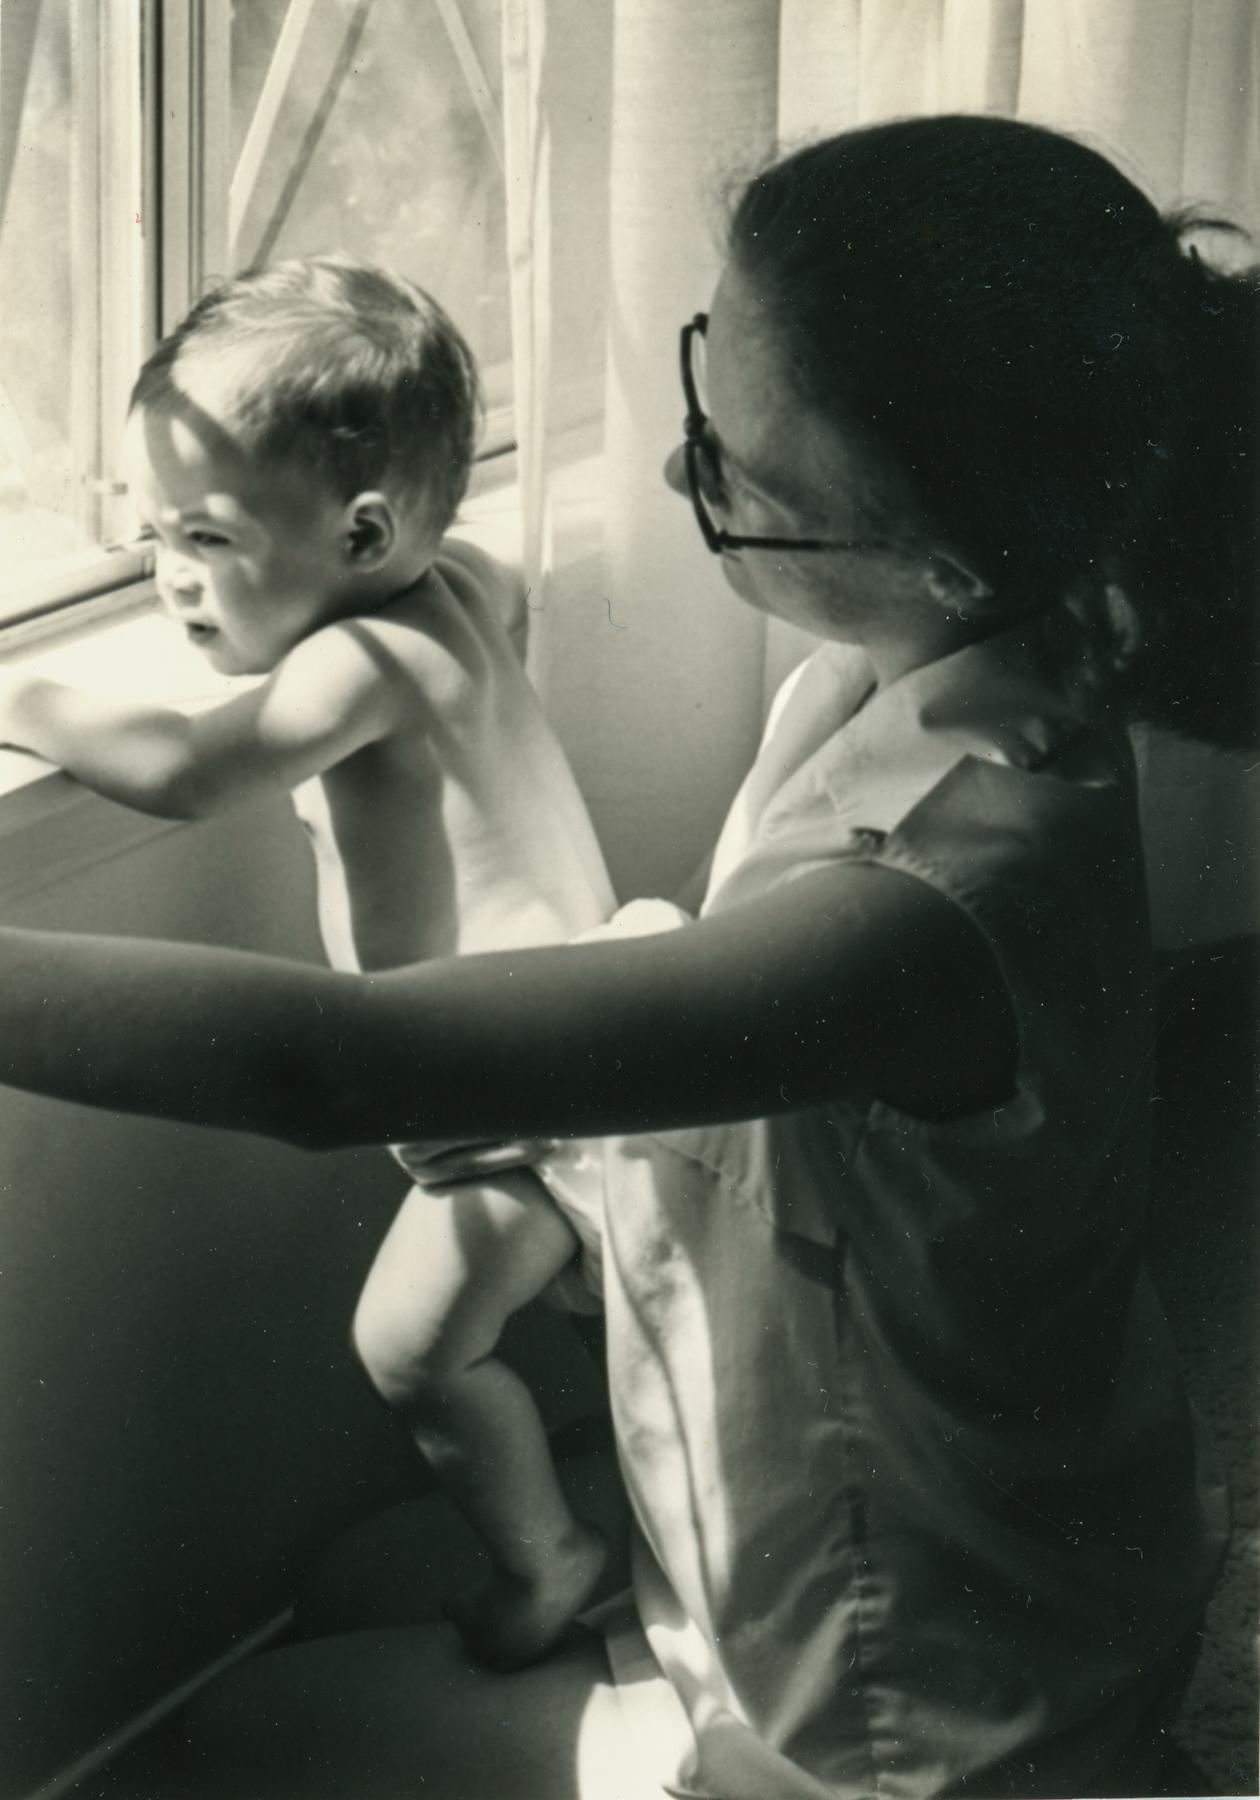 Photo by James Jasek (1977)